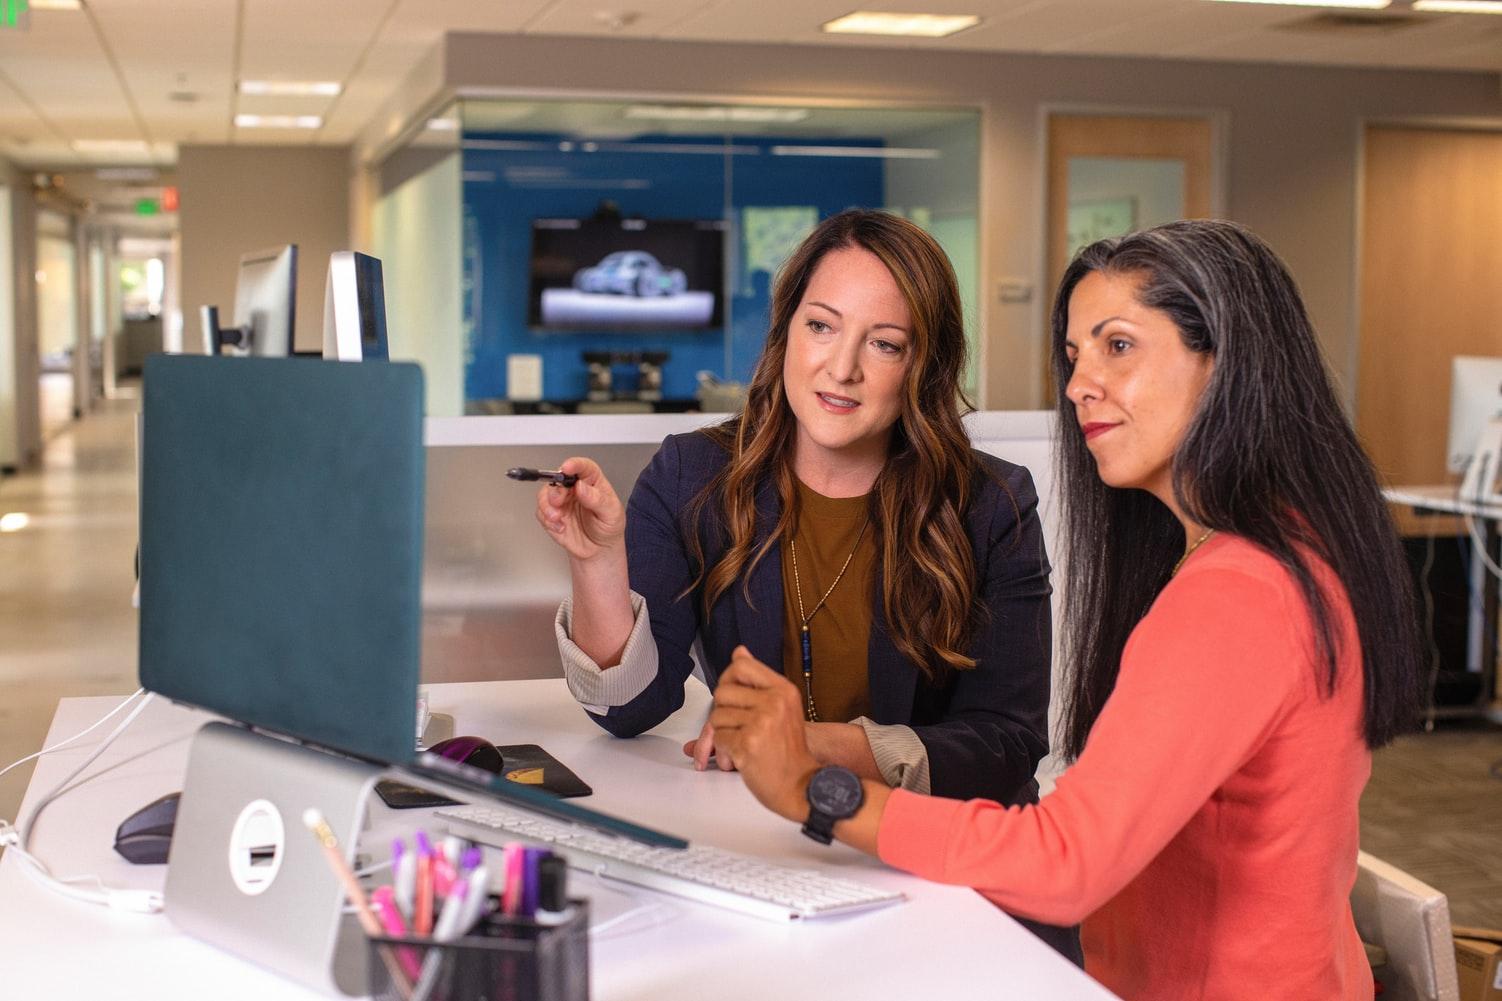 duas mulheres conversando em frente a um computador.